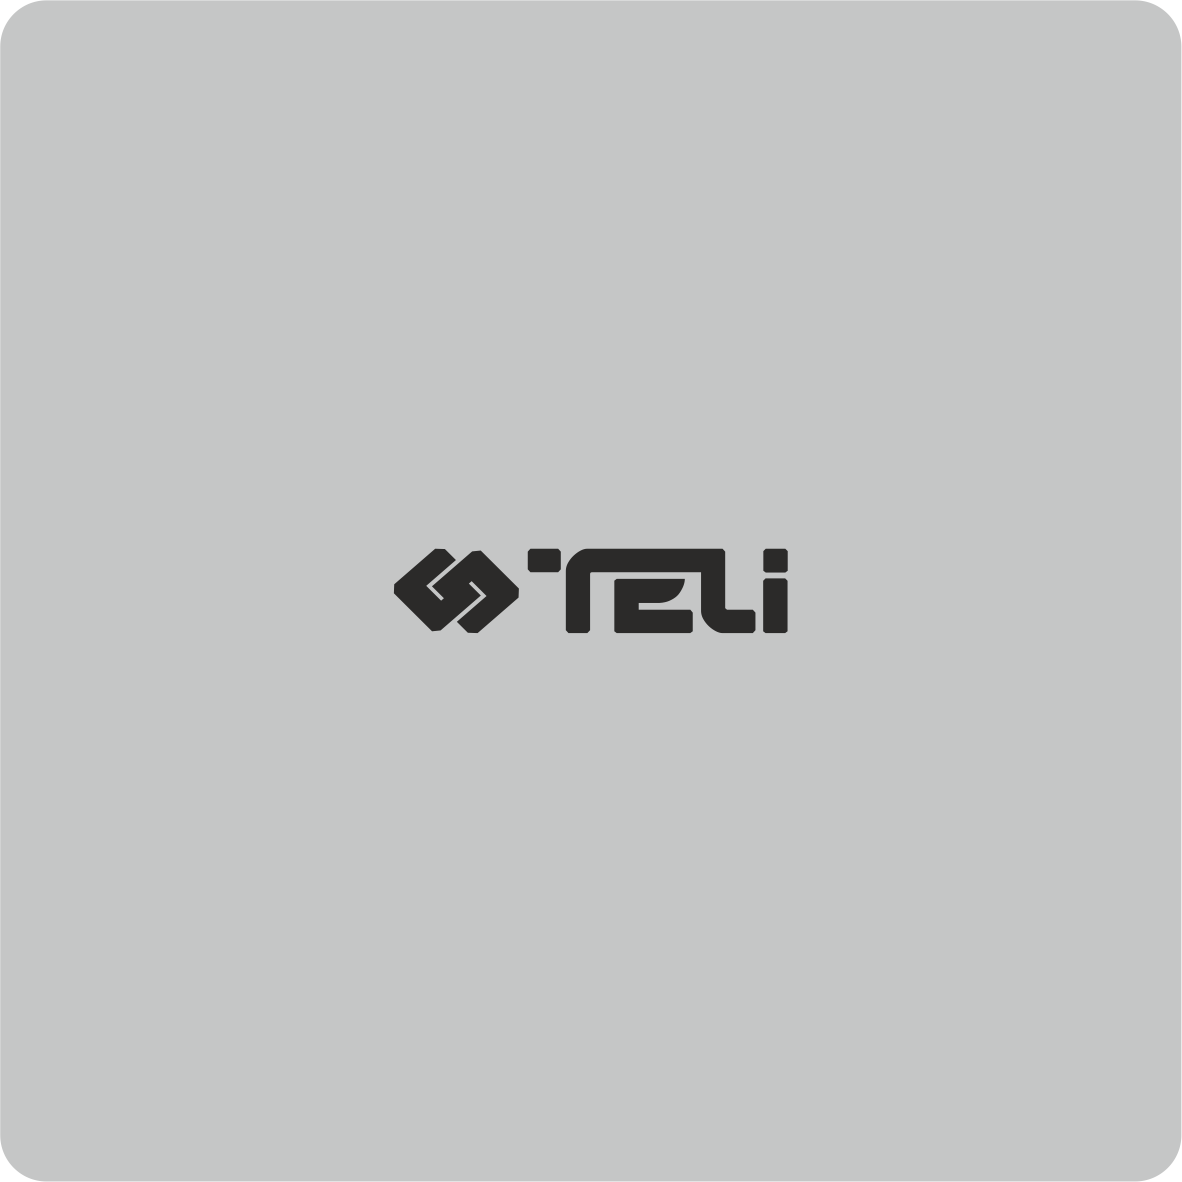 Разработка логотипа и фирменного стиля фото f_70658fa189bd29c9.png